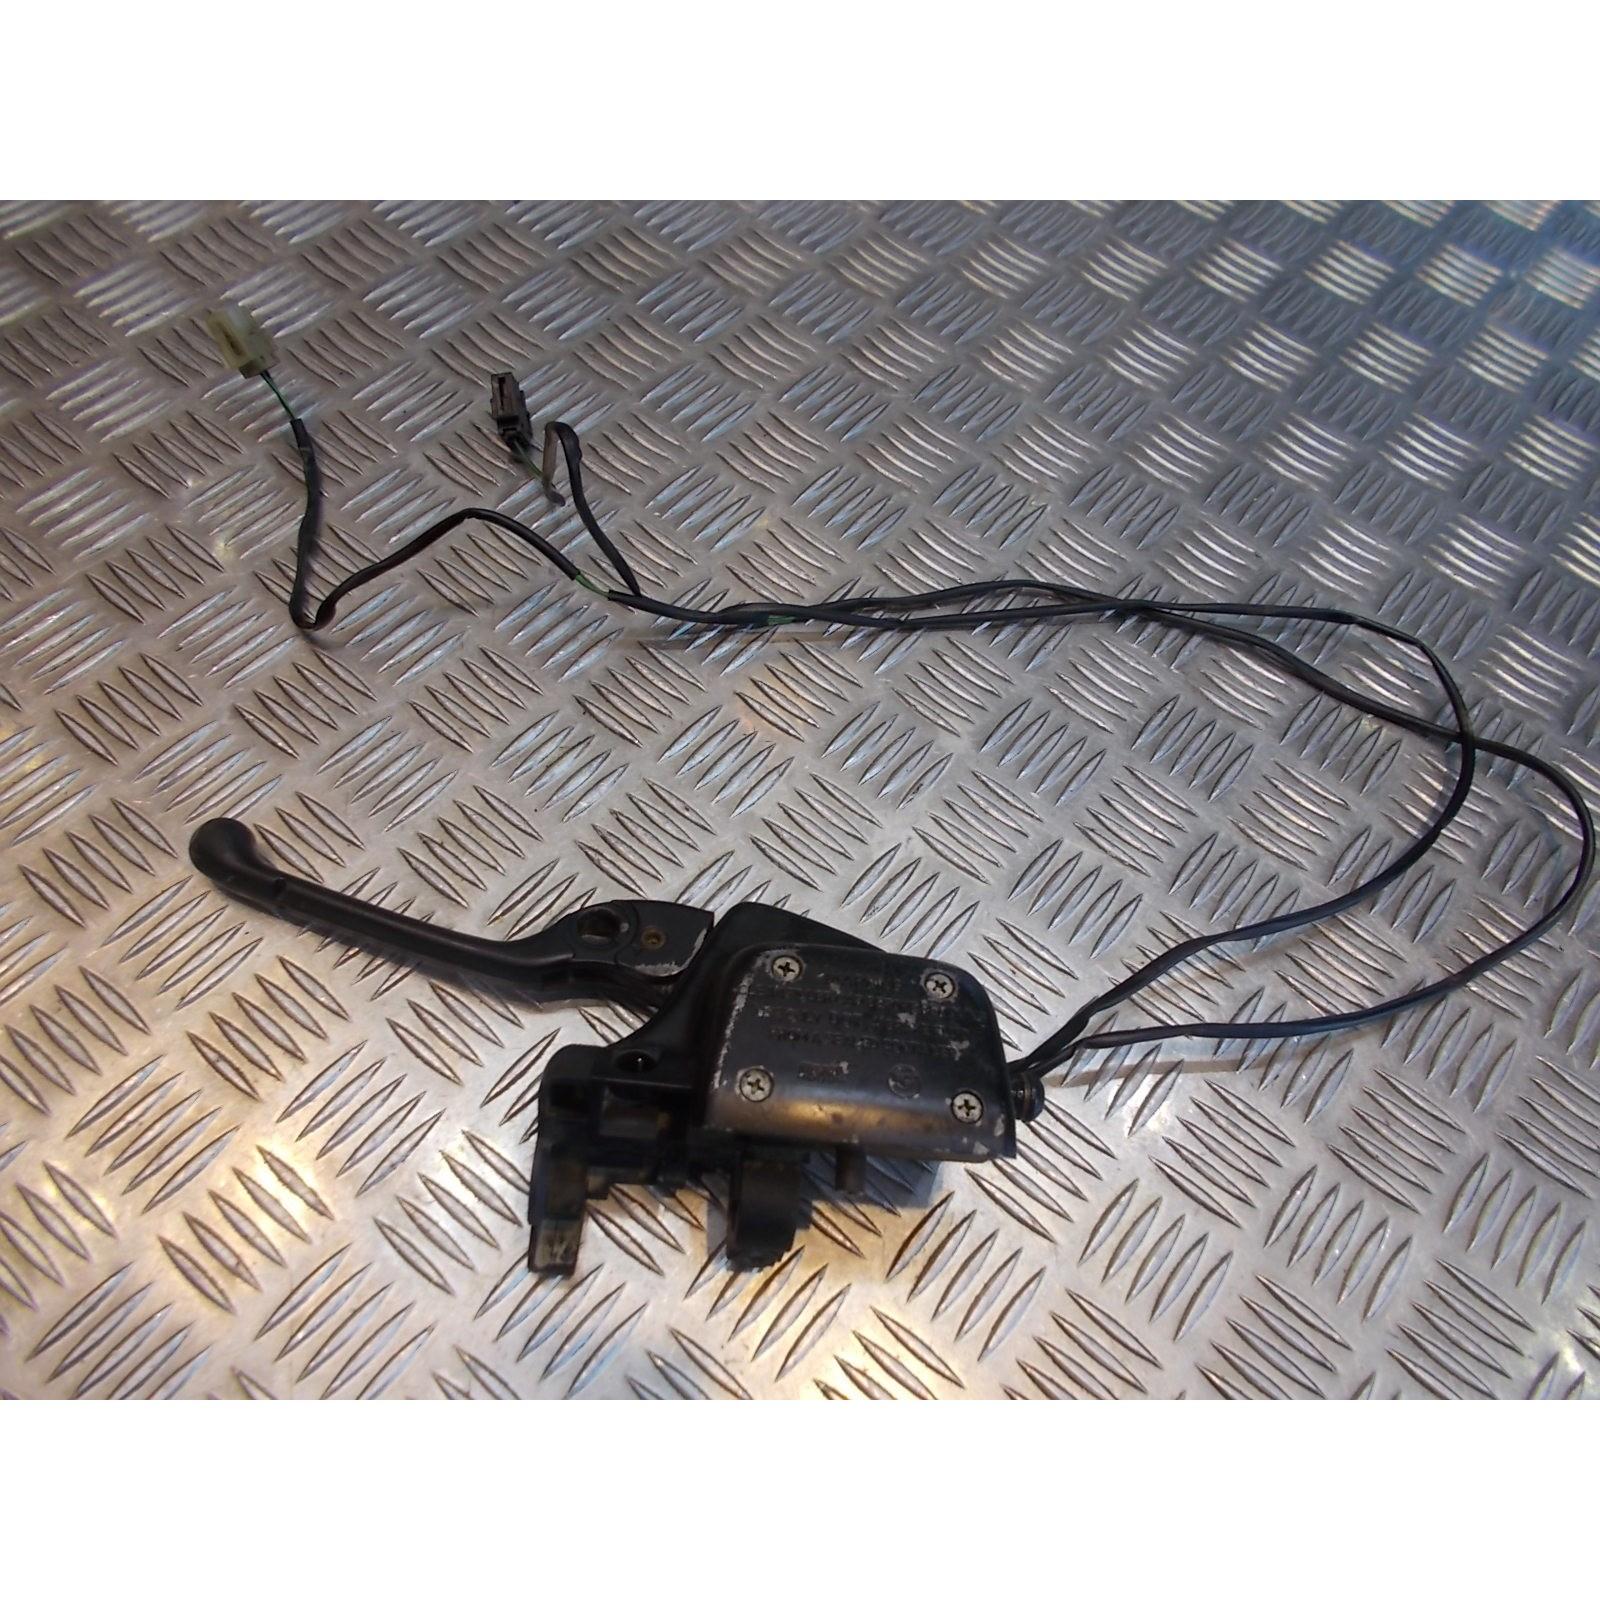 maitre cylindre embrayage emetteur moto bmw k 1200 lt wb10545a 1999 - 03